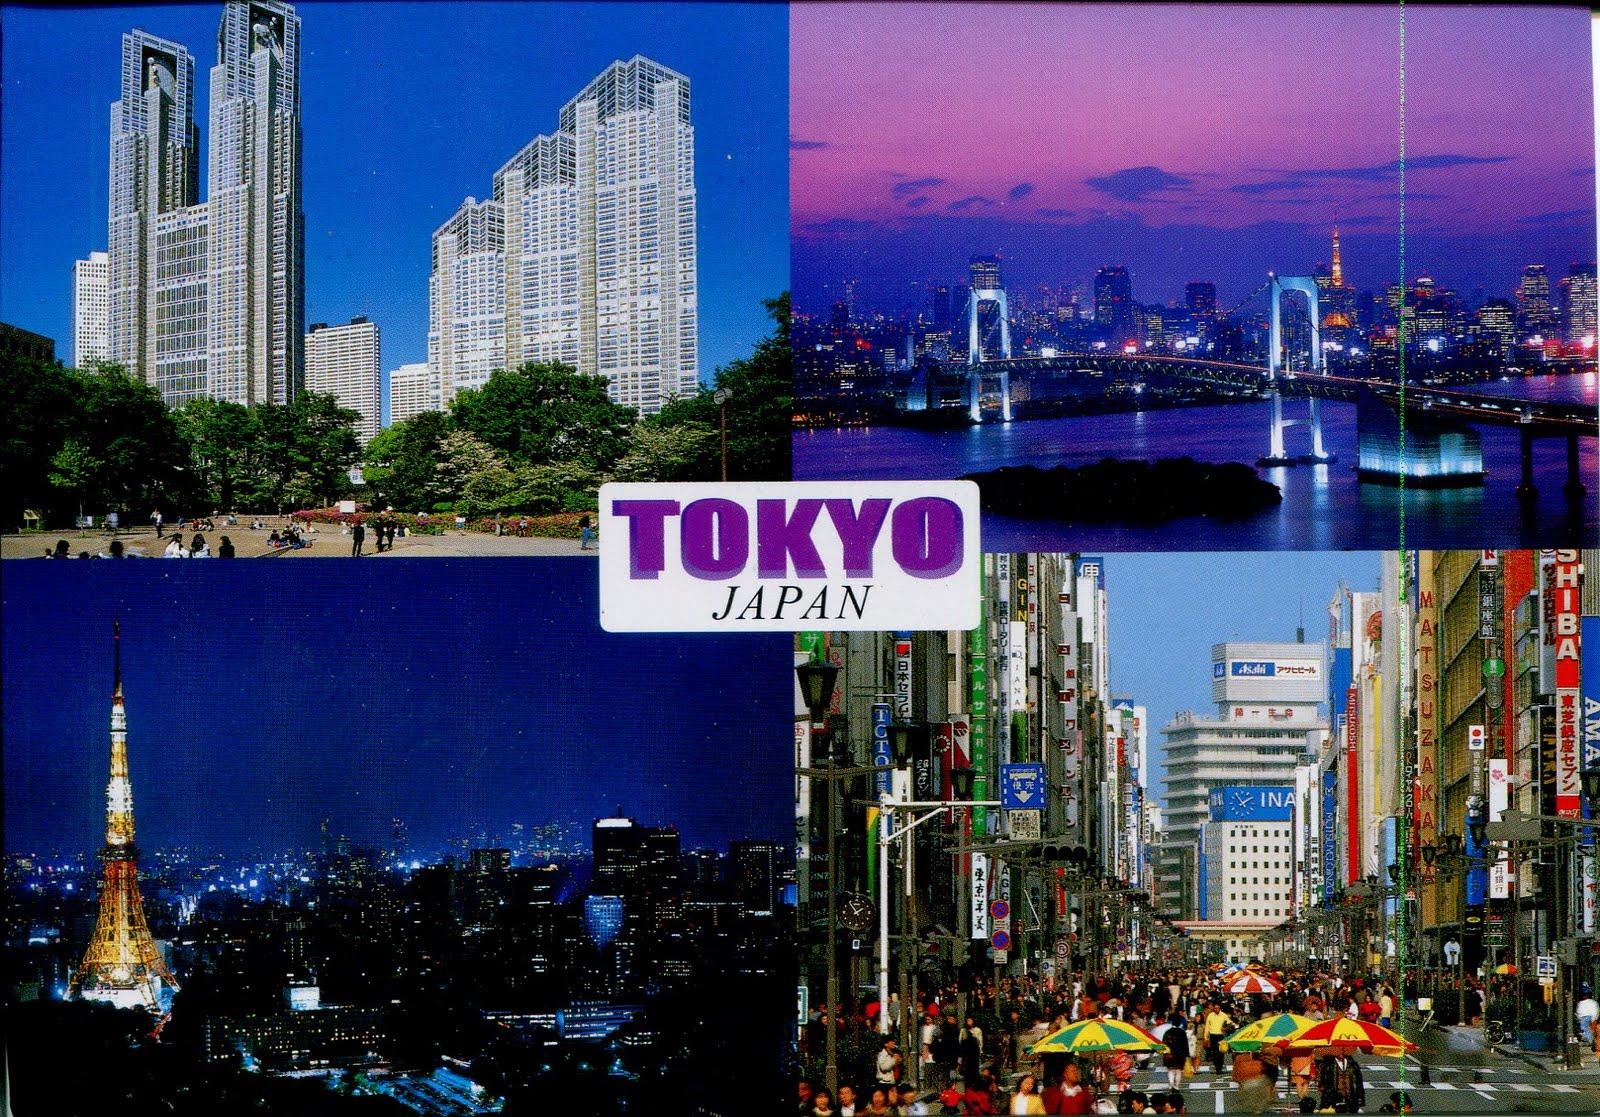 Pošalji mi razglednicu, neću SMS, po azbuci Gjp-tokyo063